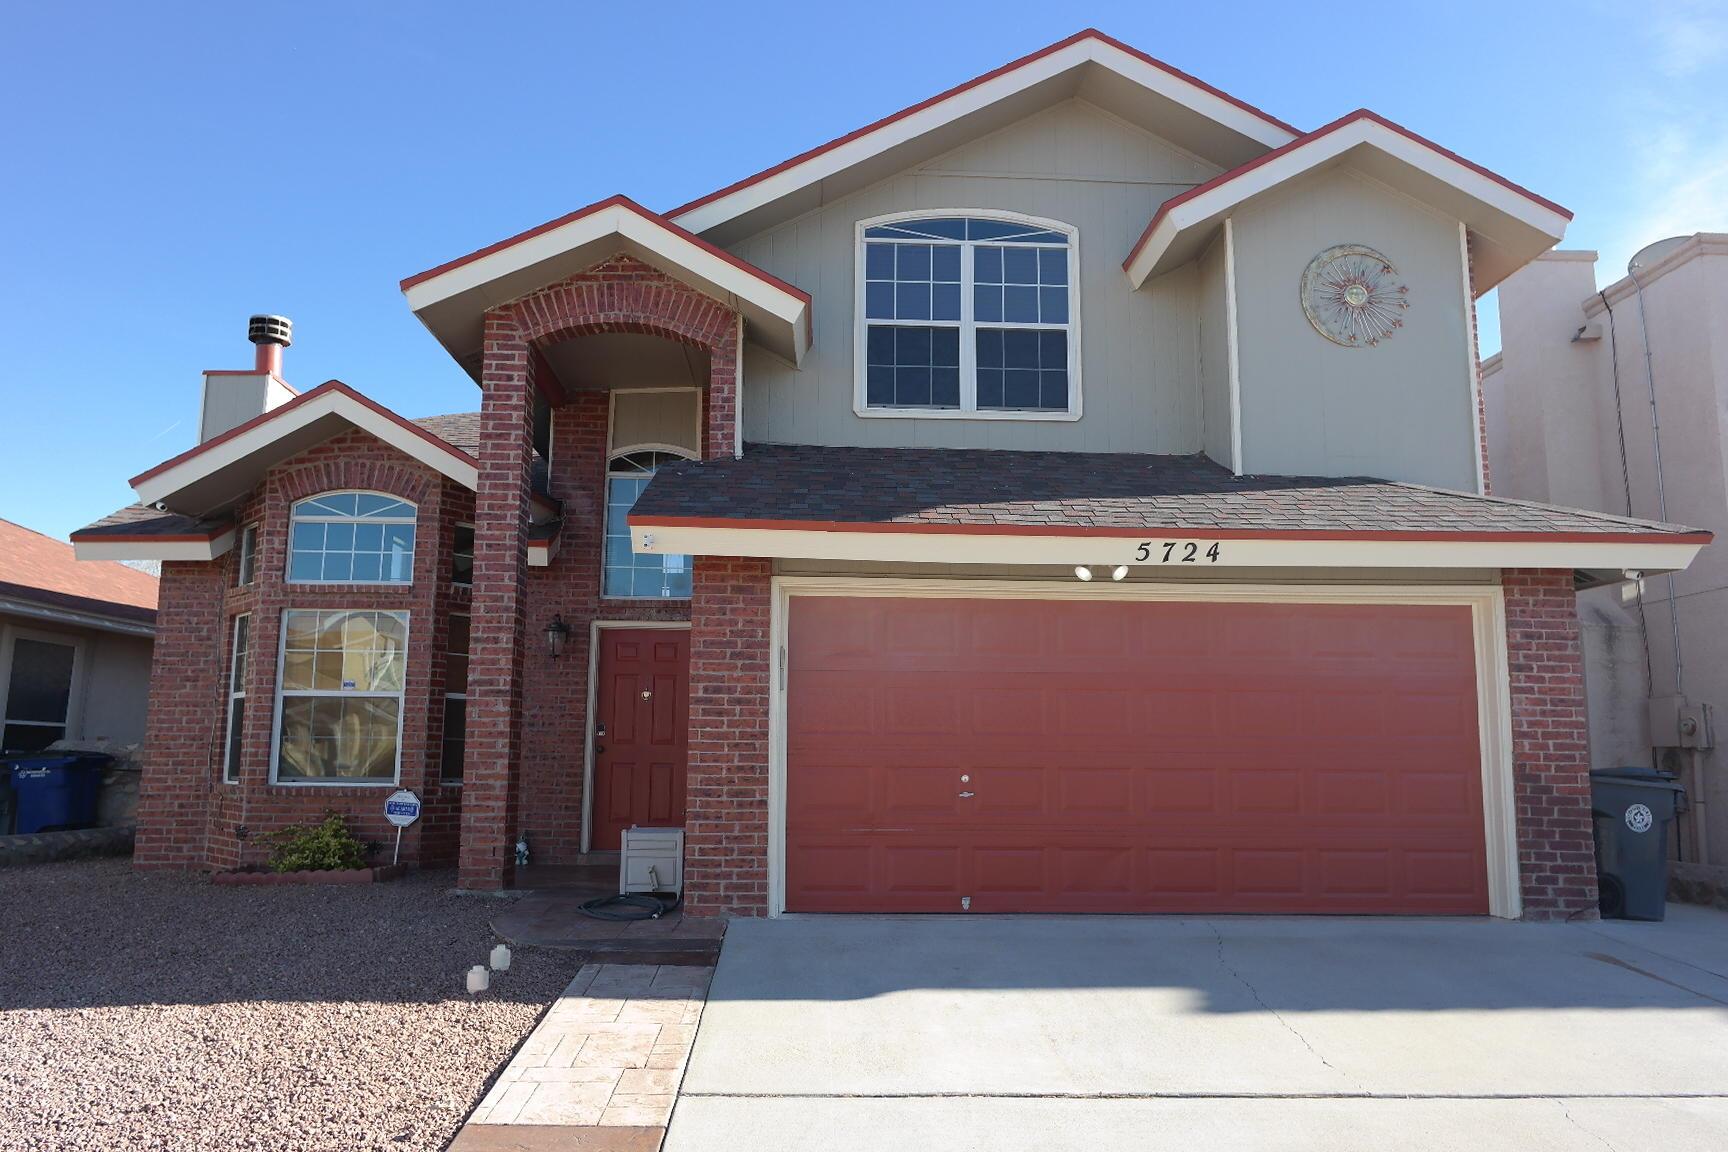 5724 MICHAEL P ANDERSON, El Paso, Texas 79934, 3 Bedrooms Bedrooms, ,3 BathroomsBathrooms,Residential,For sale,MICHAEL P ANDERSON,819302